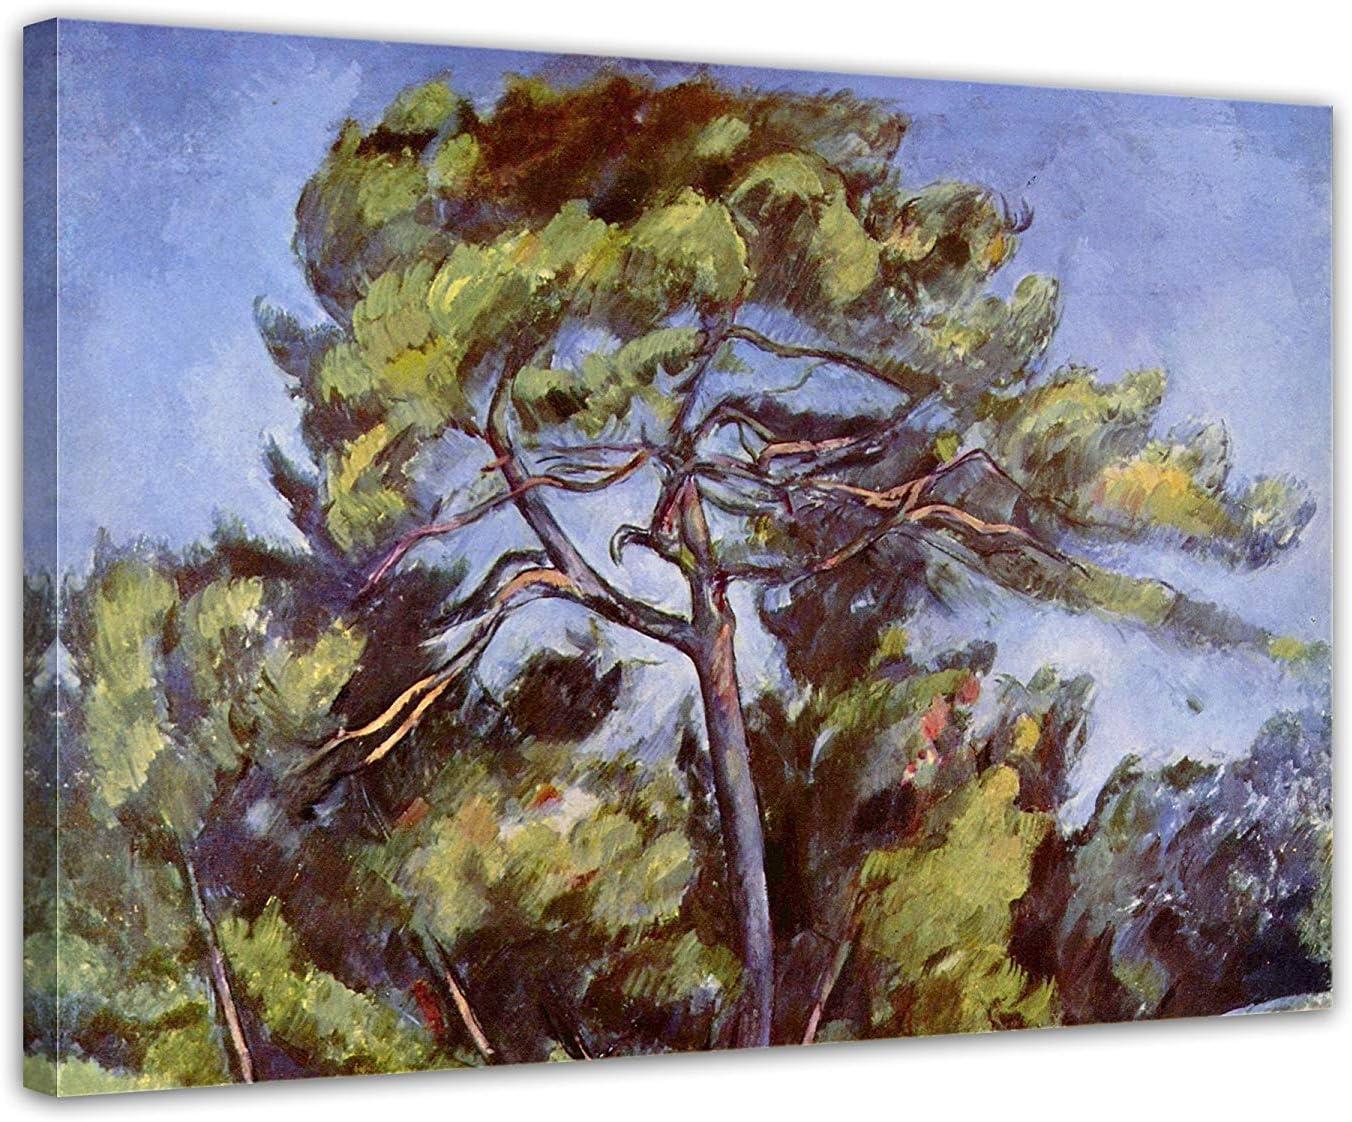 LVLUOYE Cuadros Dormitorios - Arte Pared Pintura sobre Lienzo - Pintura al óleo Pintada a Mano - Paul cézanne el Gran Pino - Copia la Pintura del Famoso Maestro,80x60cm